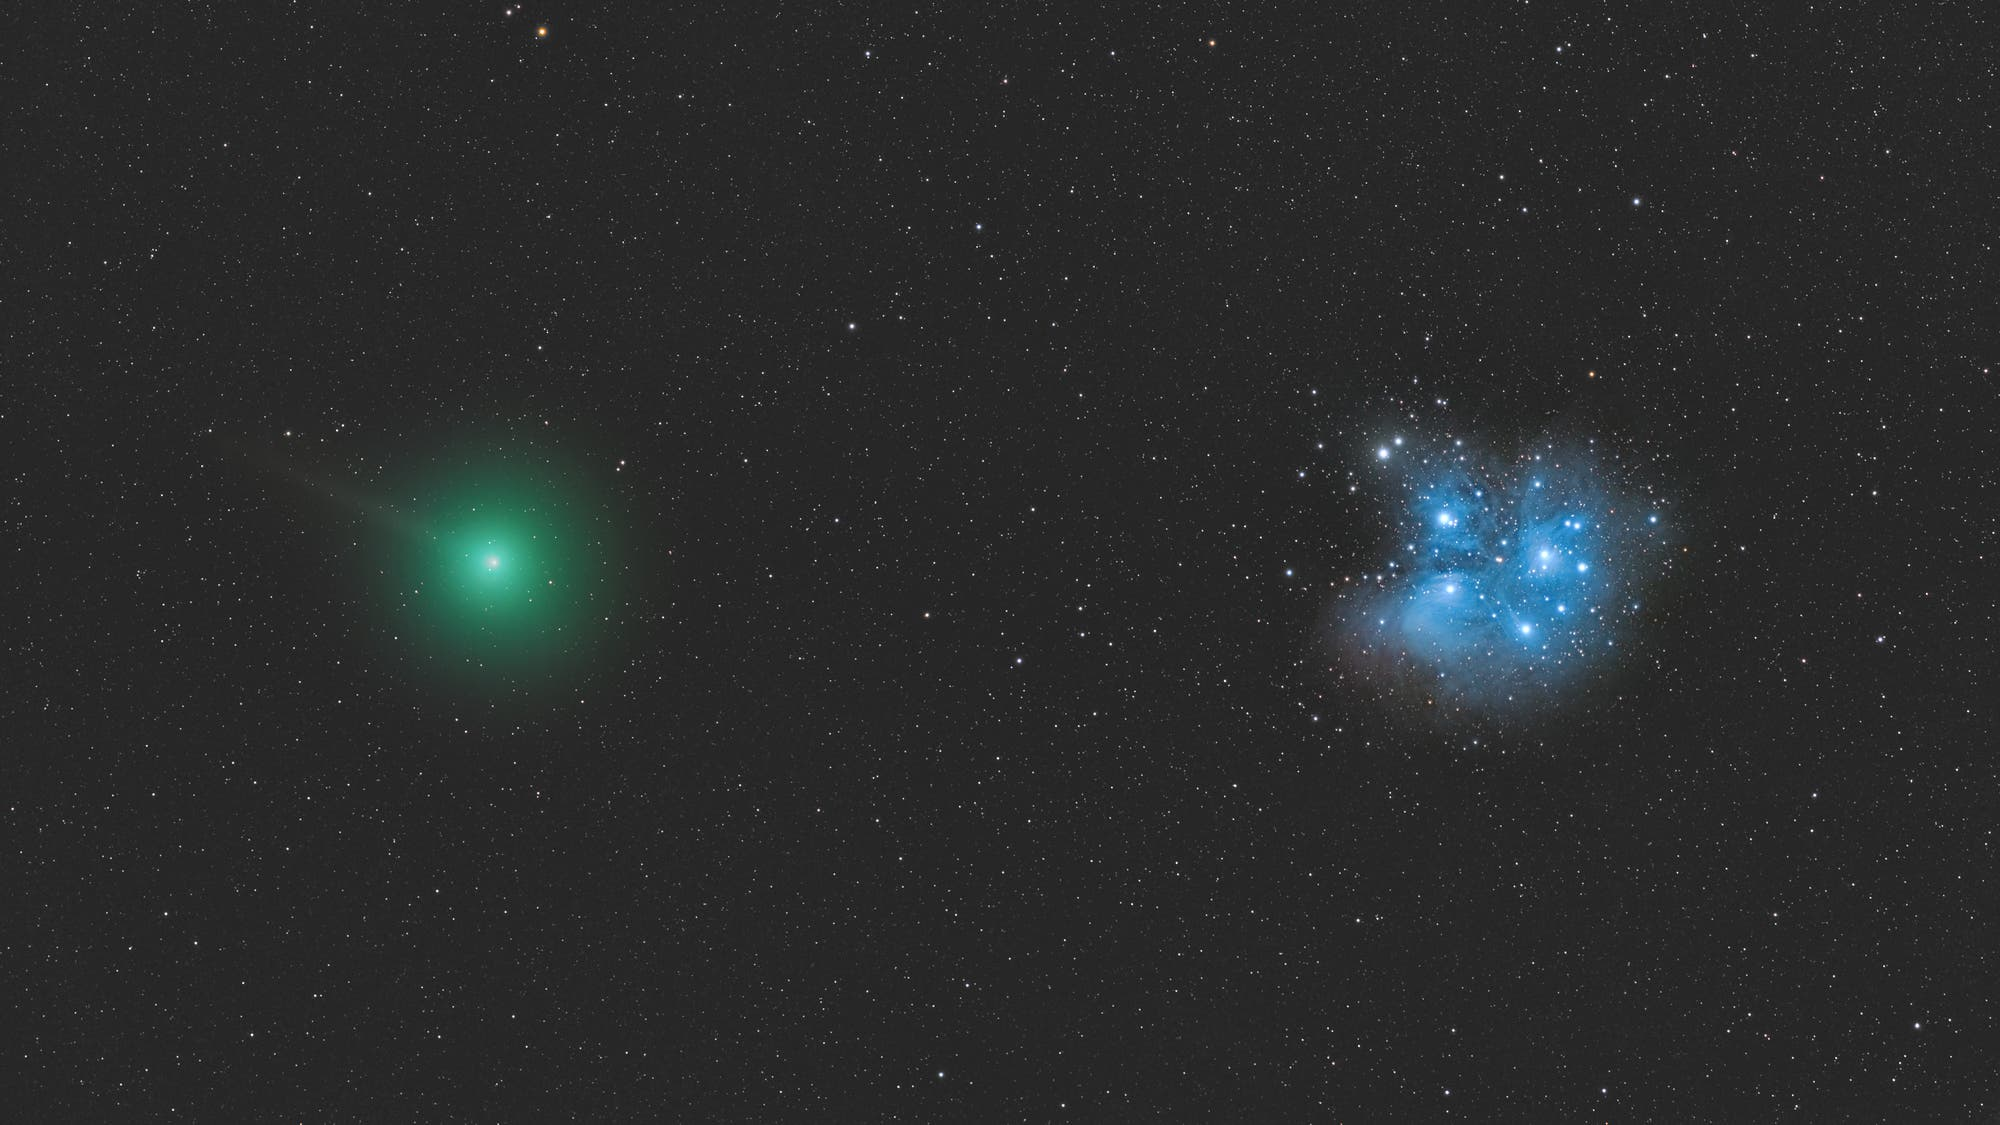 Komet Wirtanen im Helligkeitsmaximum